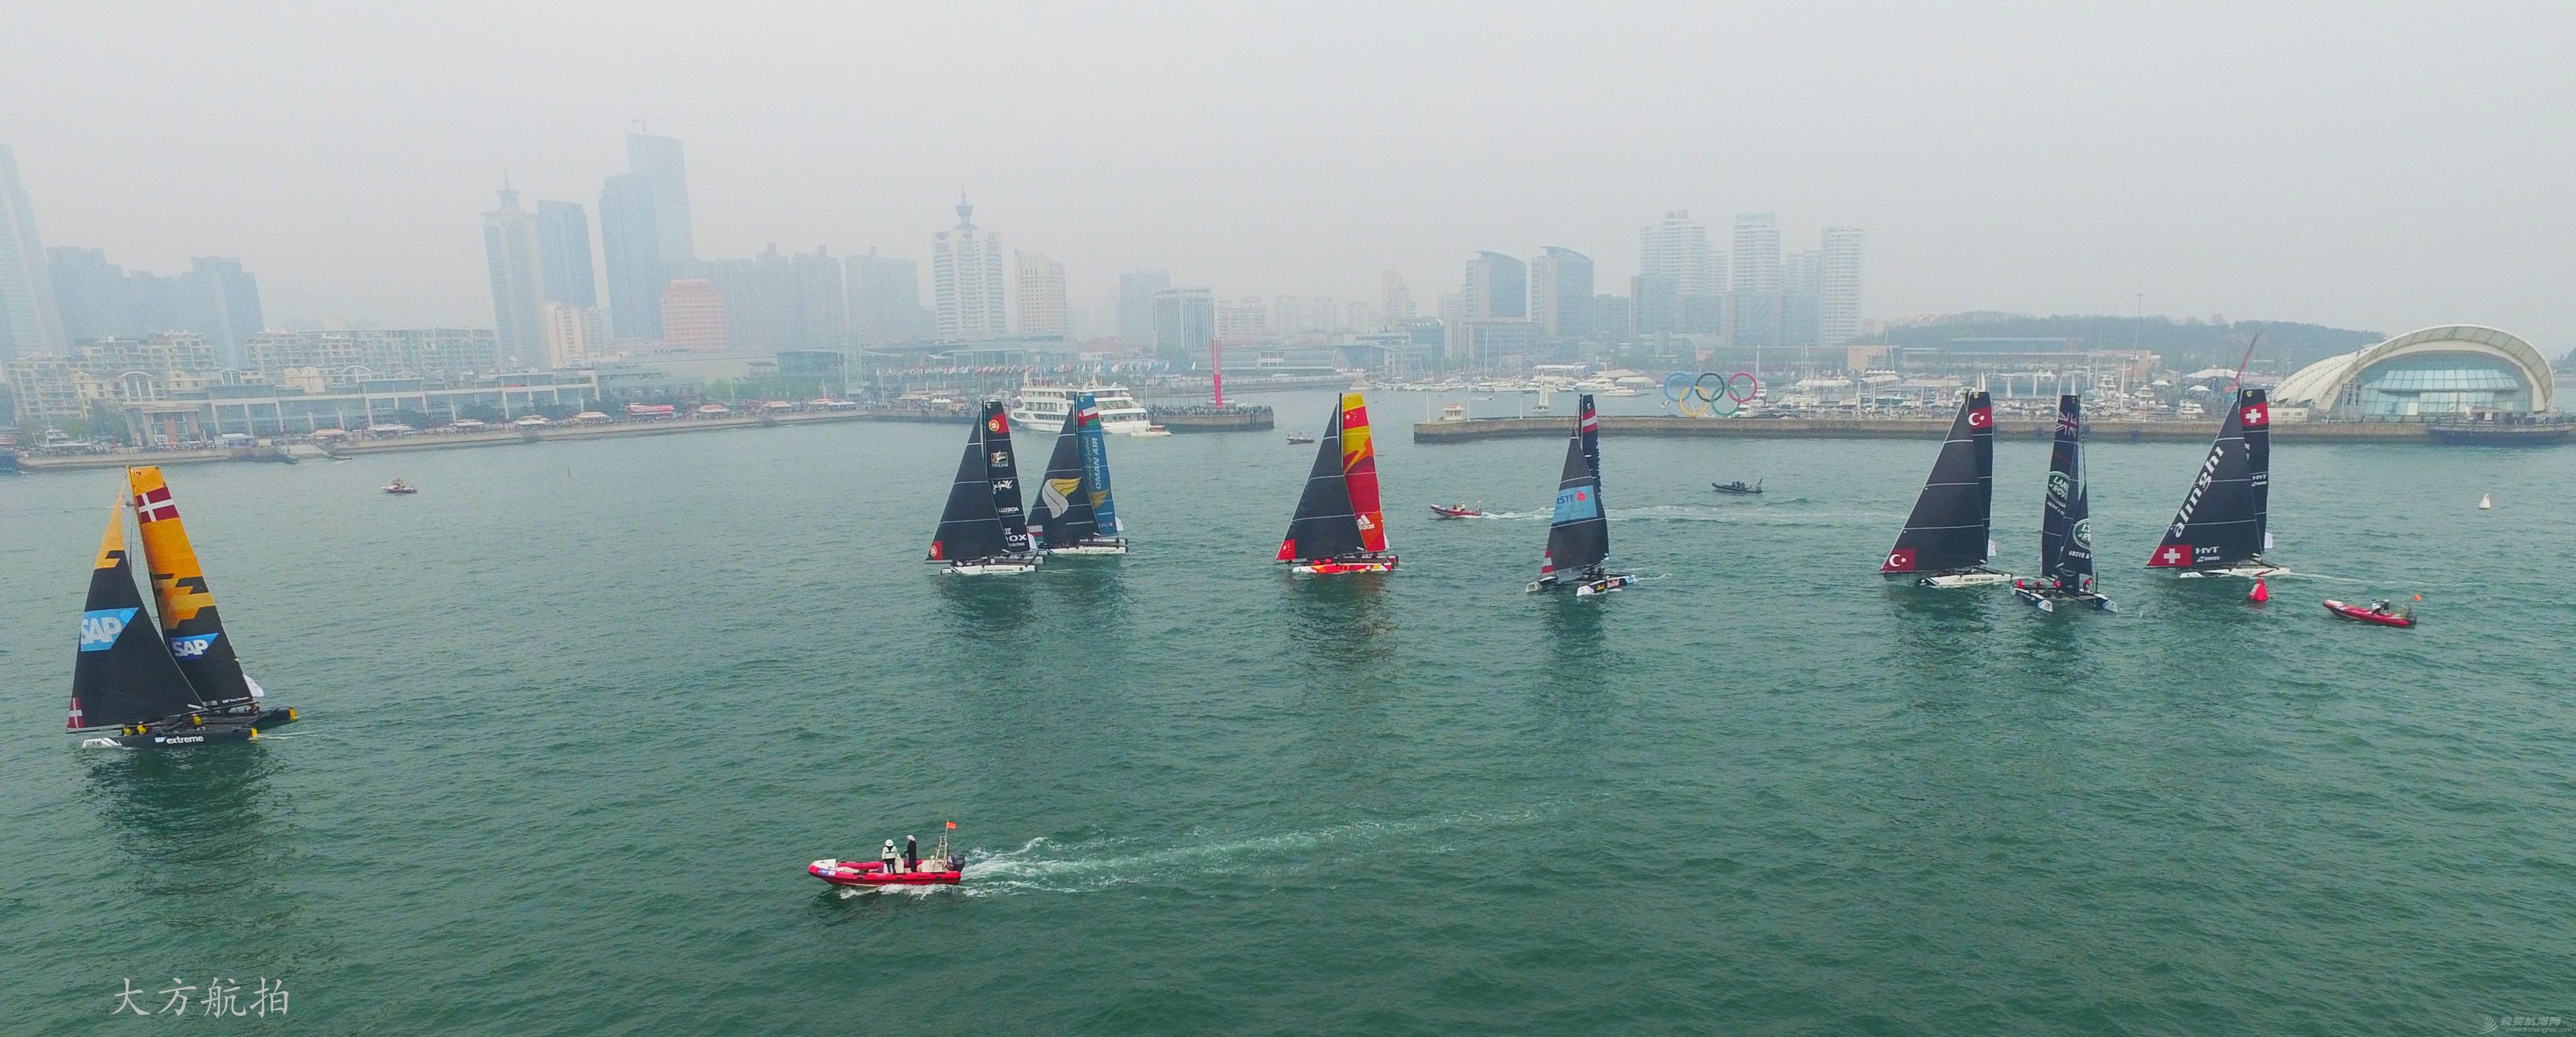 系列赛,青岛,帆船,国际,极限 2016国际极限帆船系列赛青岛站--大方航拍 DJI_0452.JPG